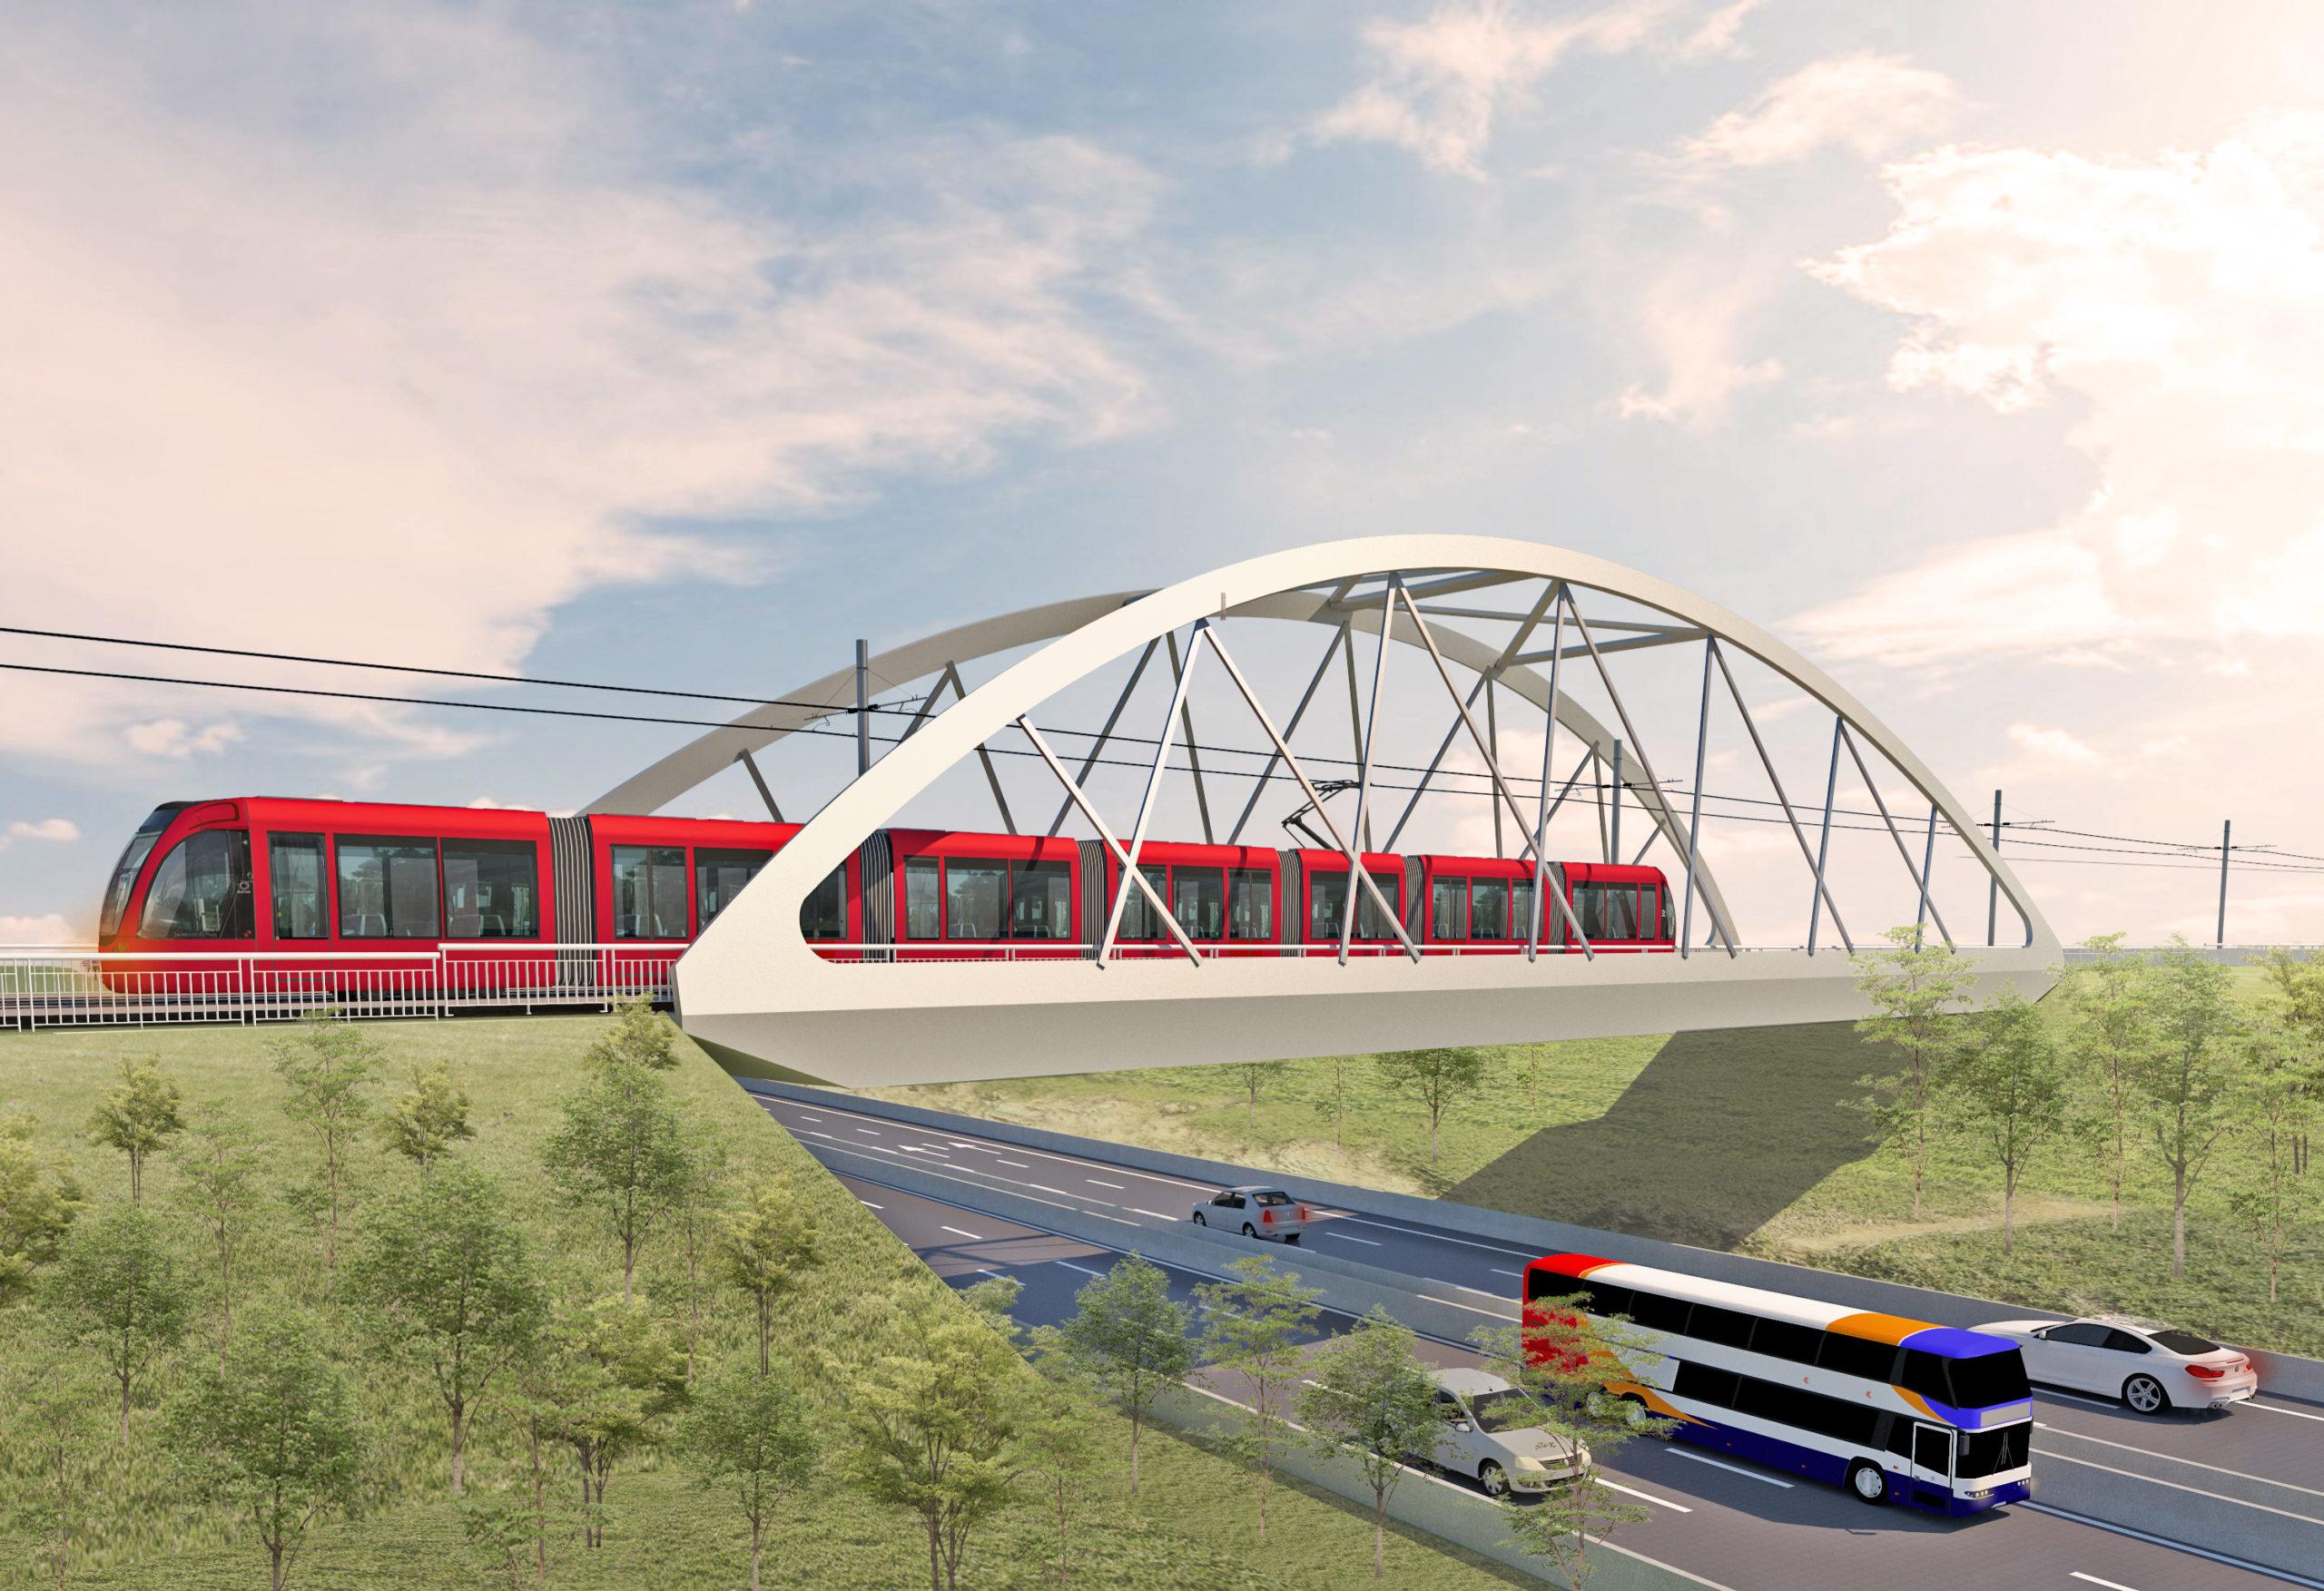 Casatramway T4: des mesures de circulation pour le lançage du pont Bow String du Bd Oulad Ziane